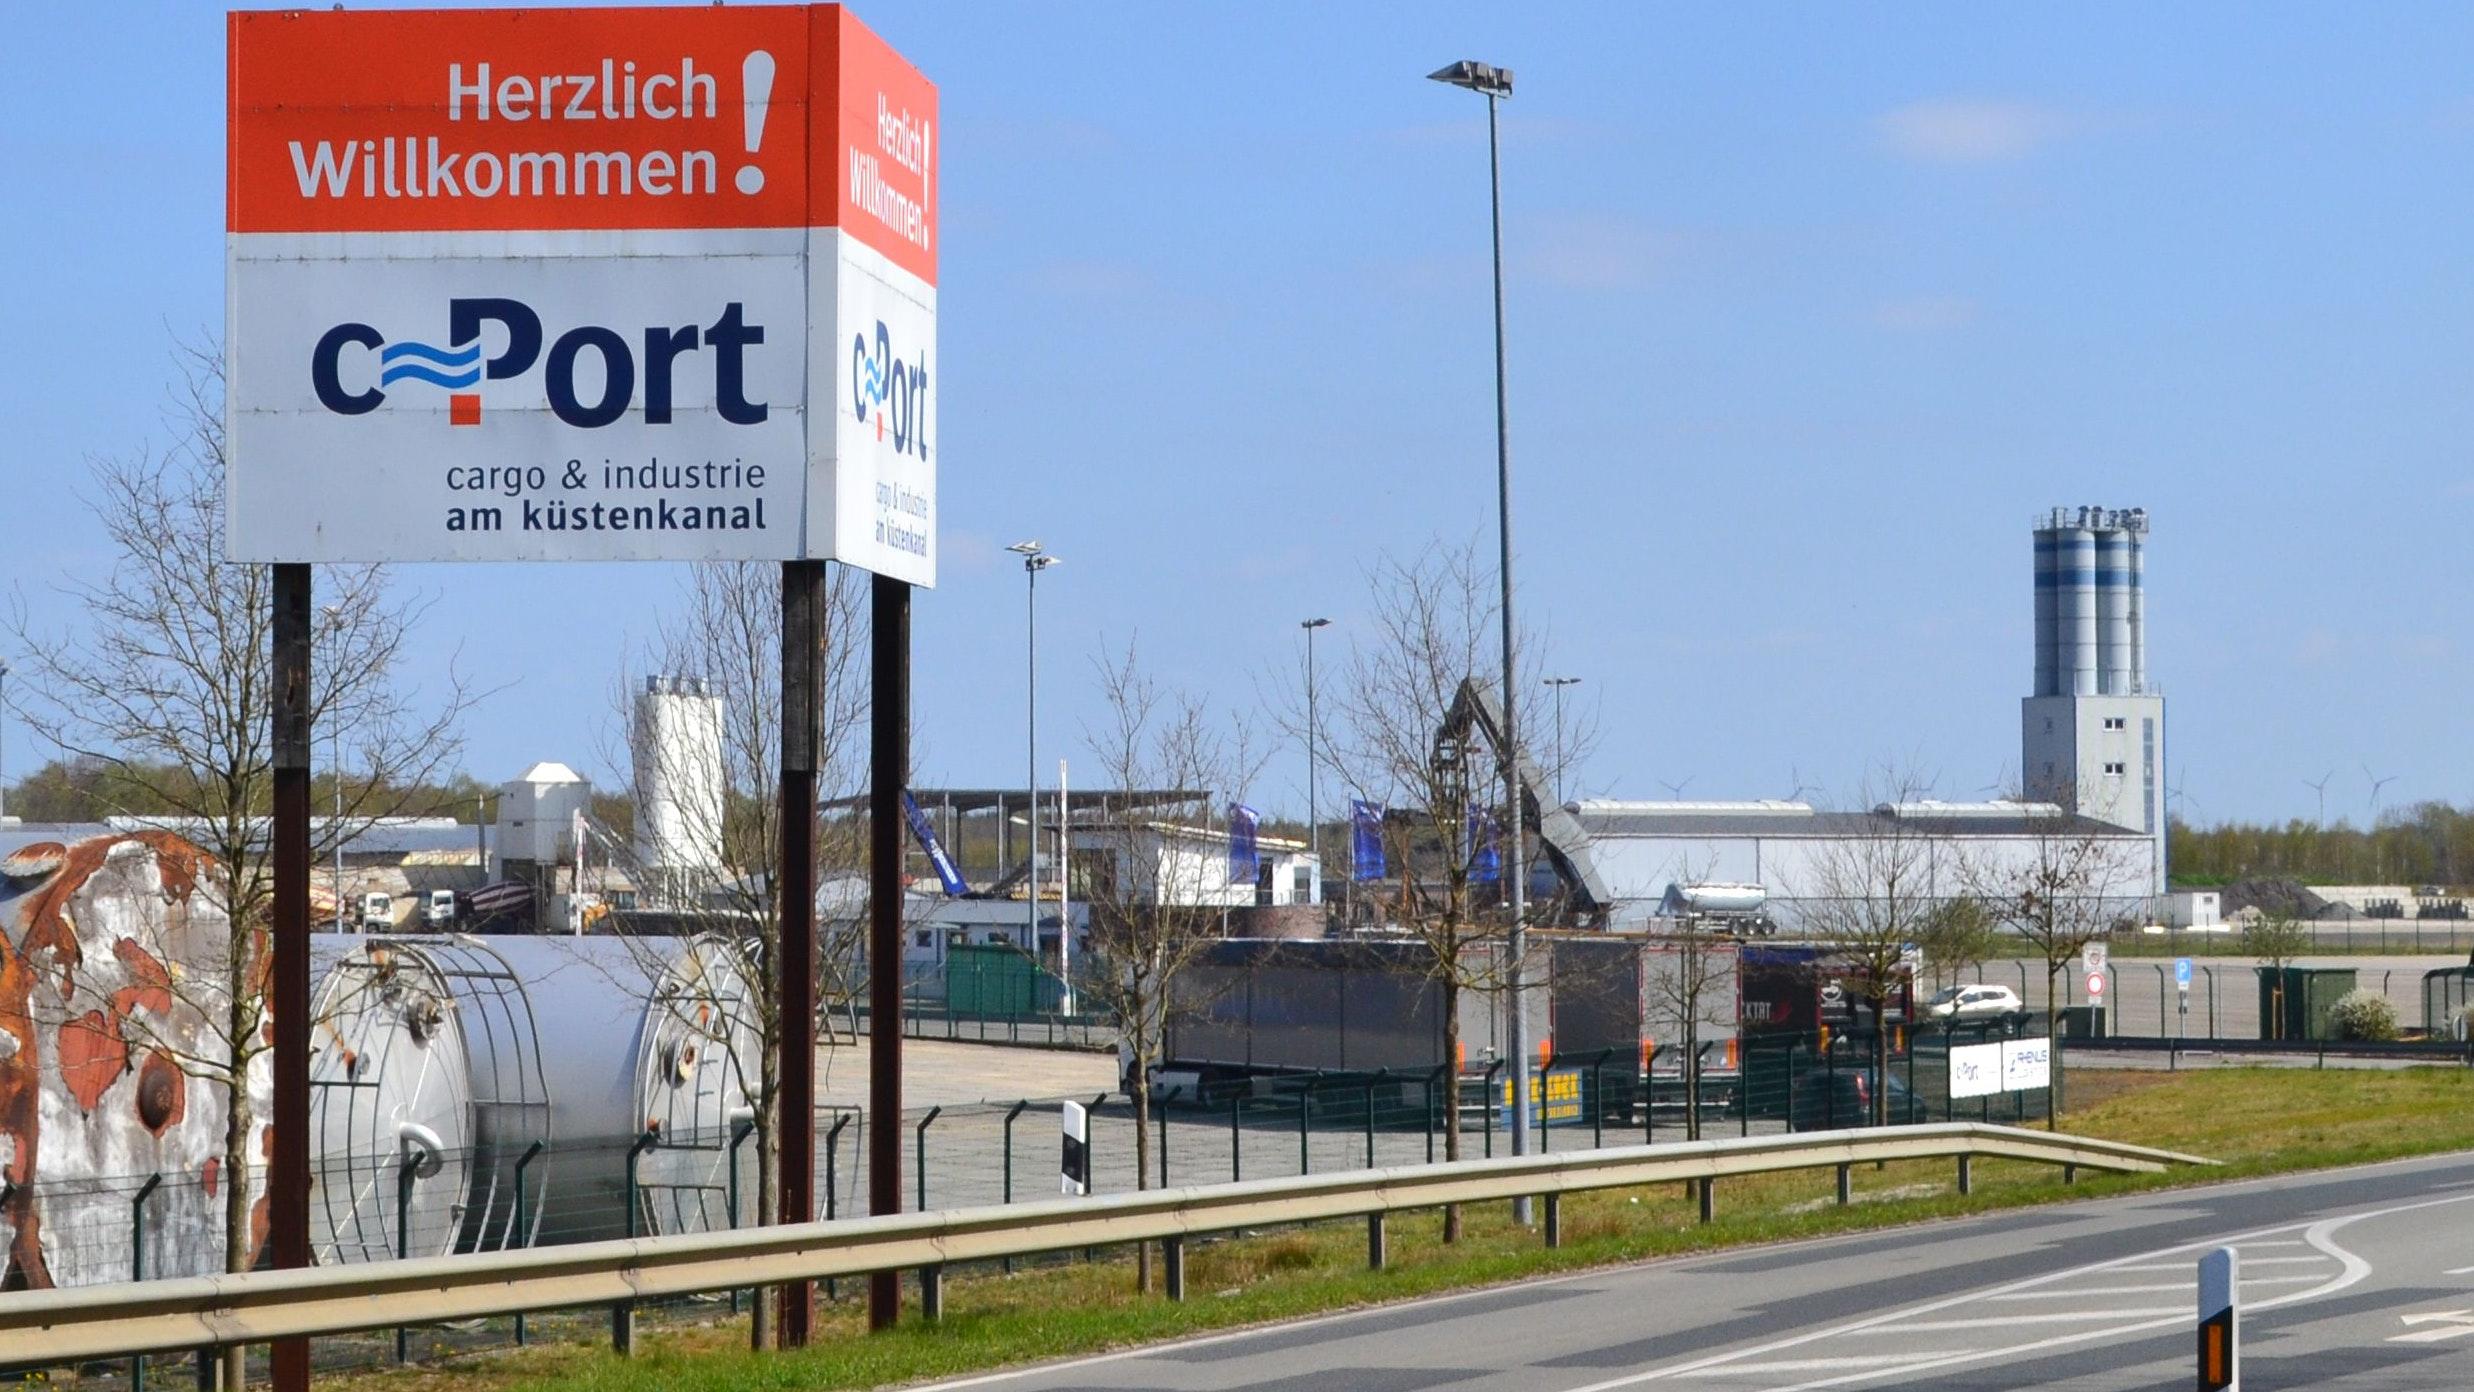 Klagen geplant: Gegen die am C-Port entstehenden Anlagen zur Mist- und Gülleverarbeitung will der neue Verein vorgehen. Foto: Stix